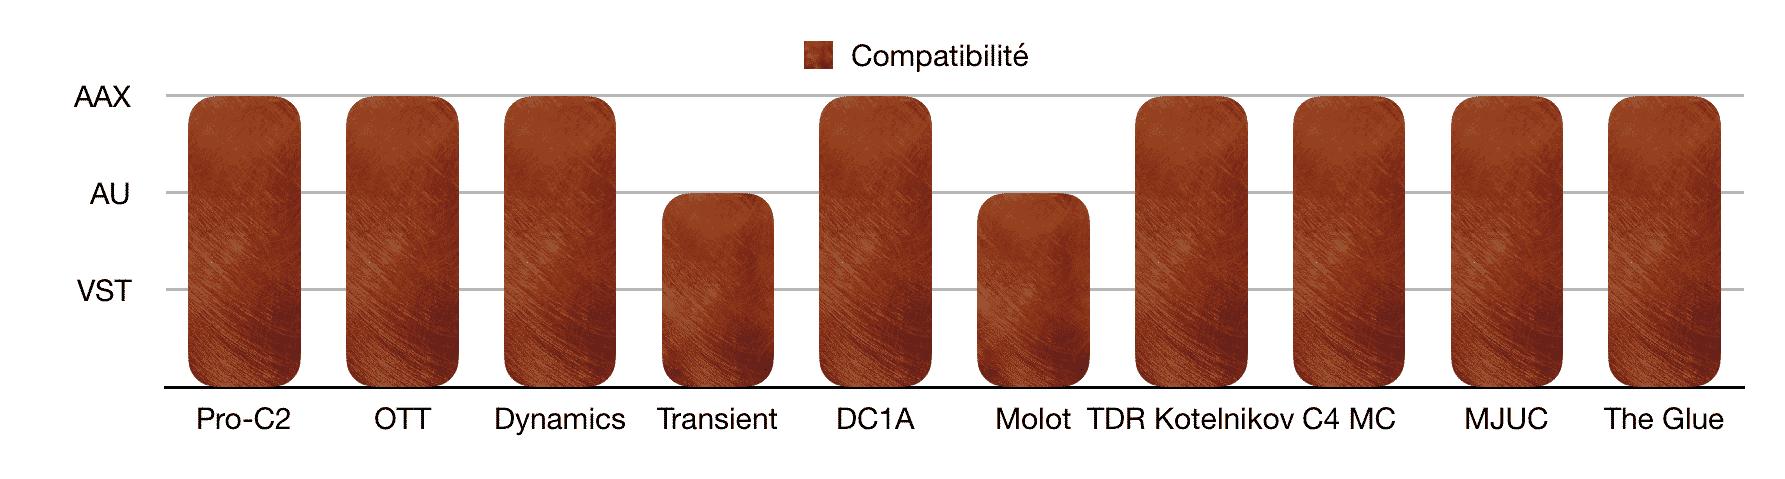 Compatibilité - TOP 10 - Plugins - Compresseurs - WE COMPOZE